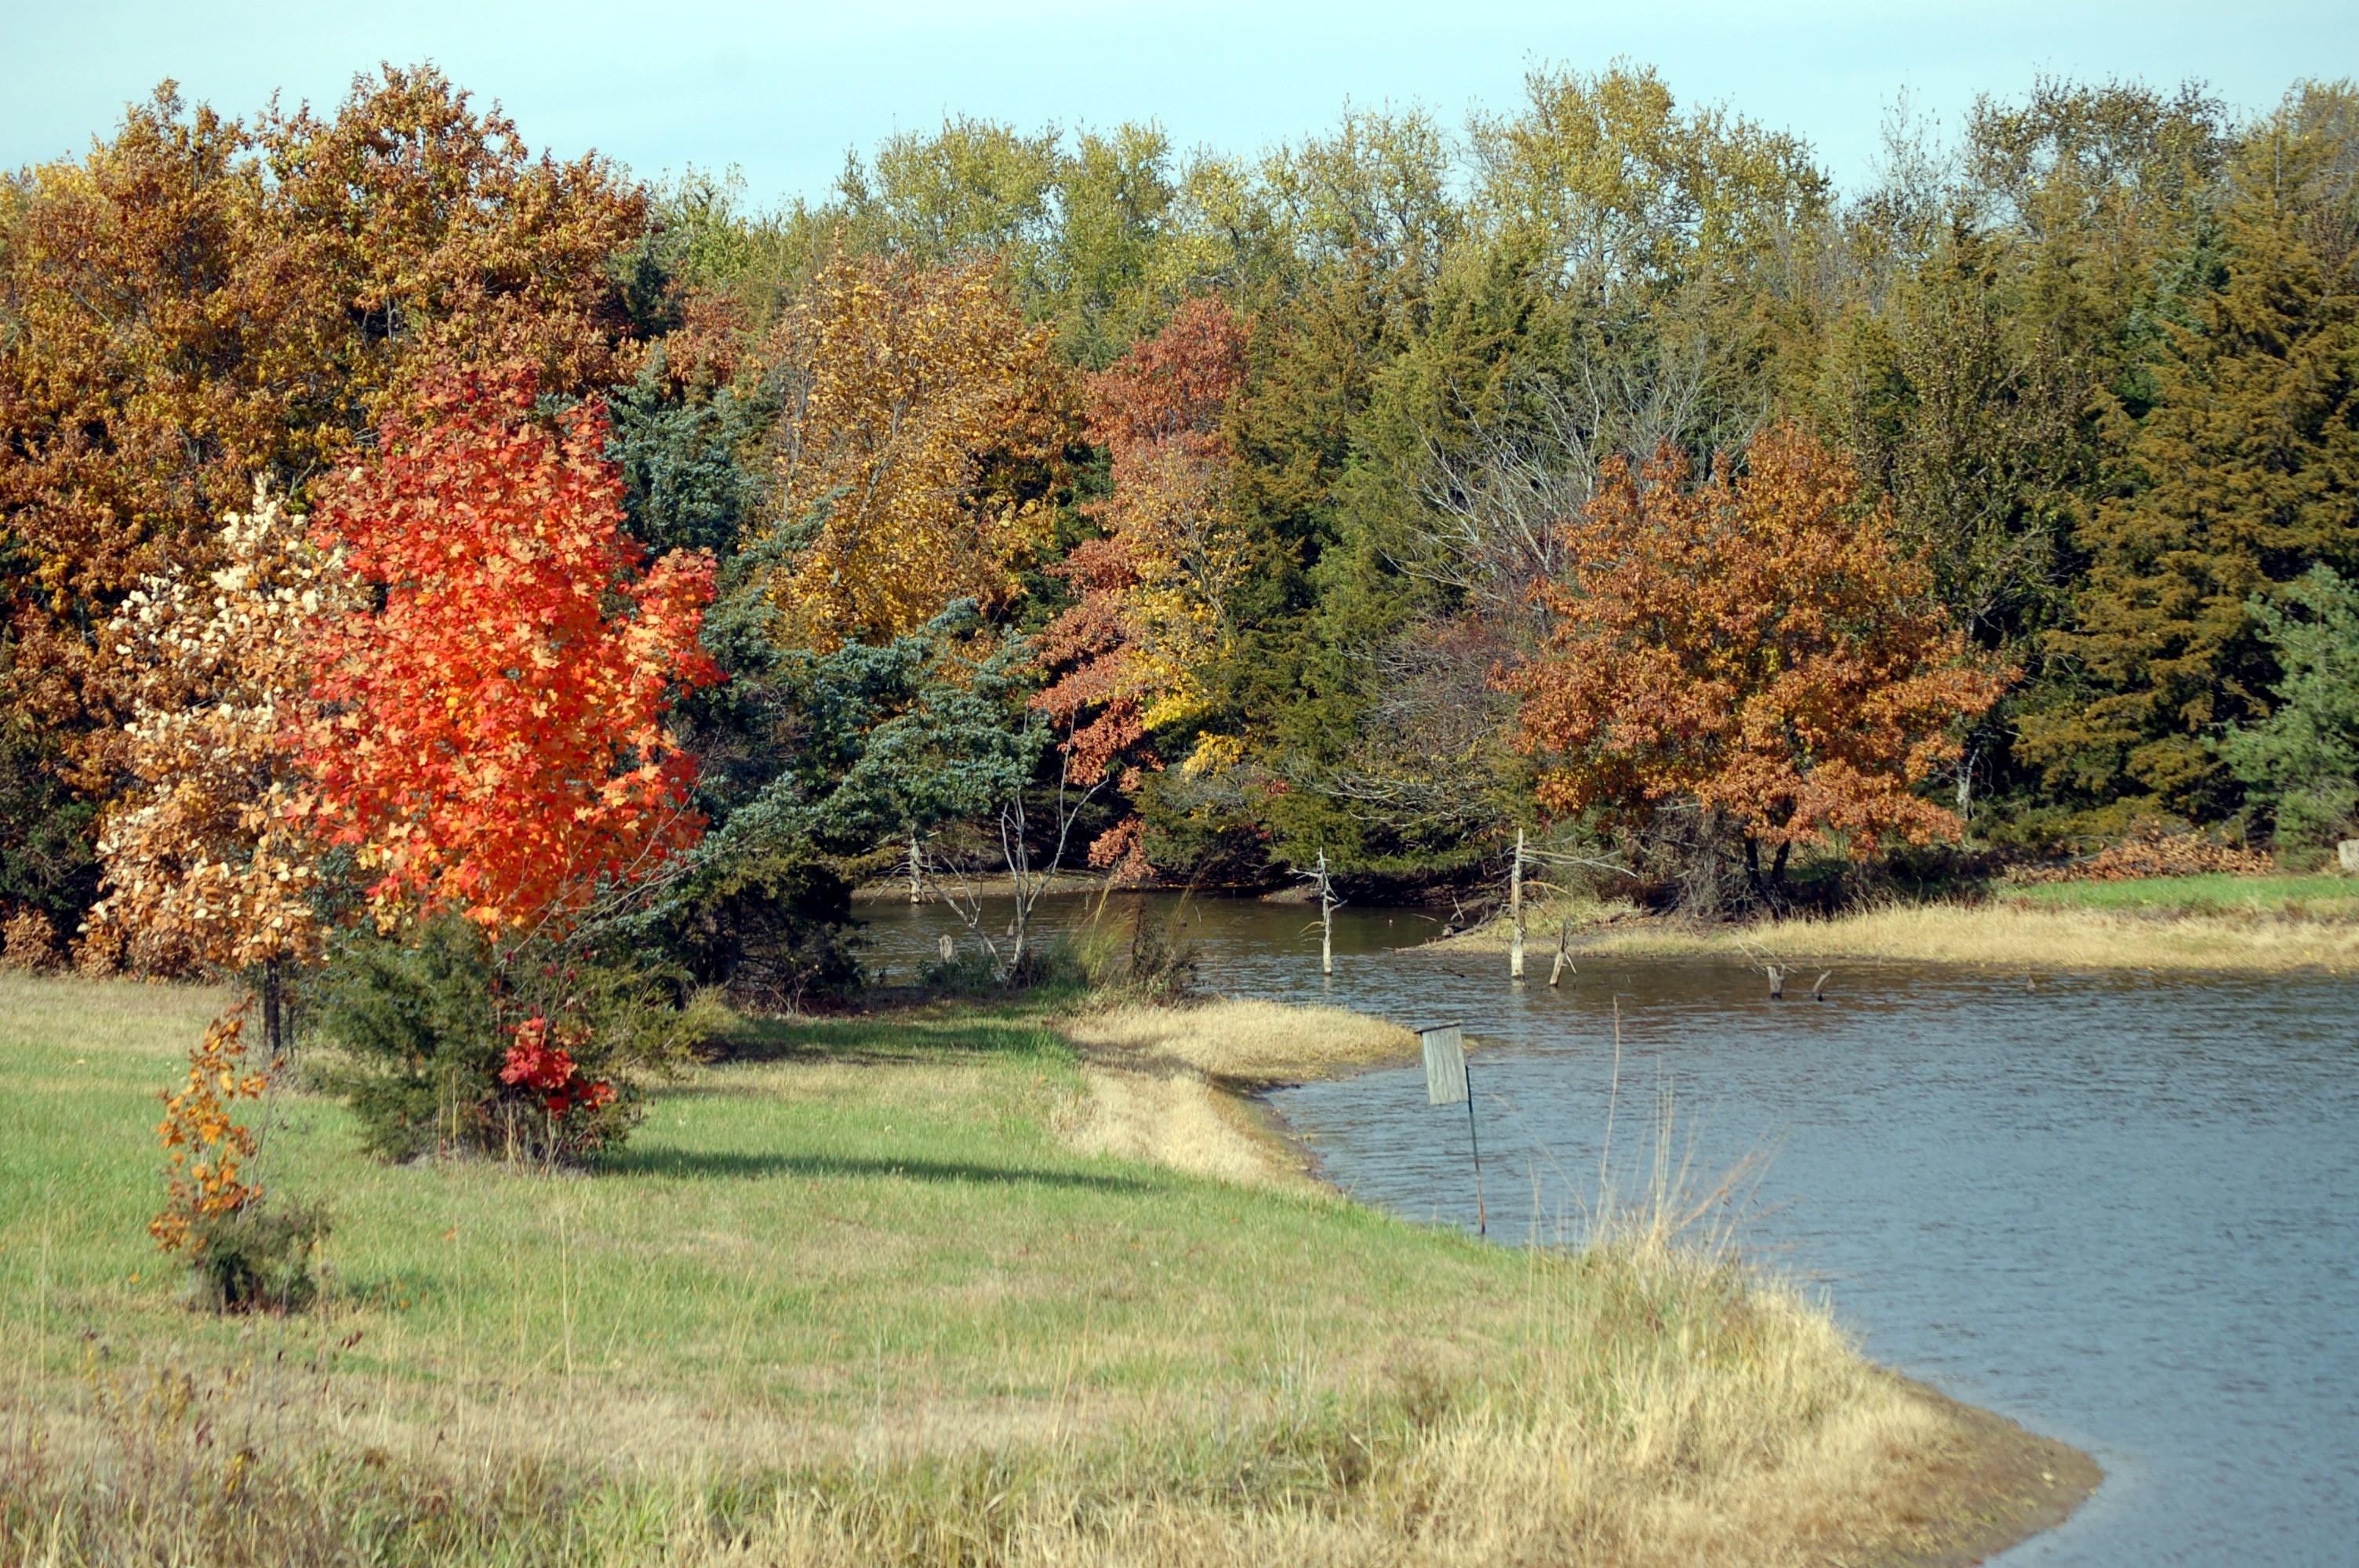 dsc_2512.jpg - pond in autumn